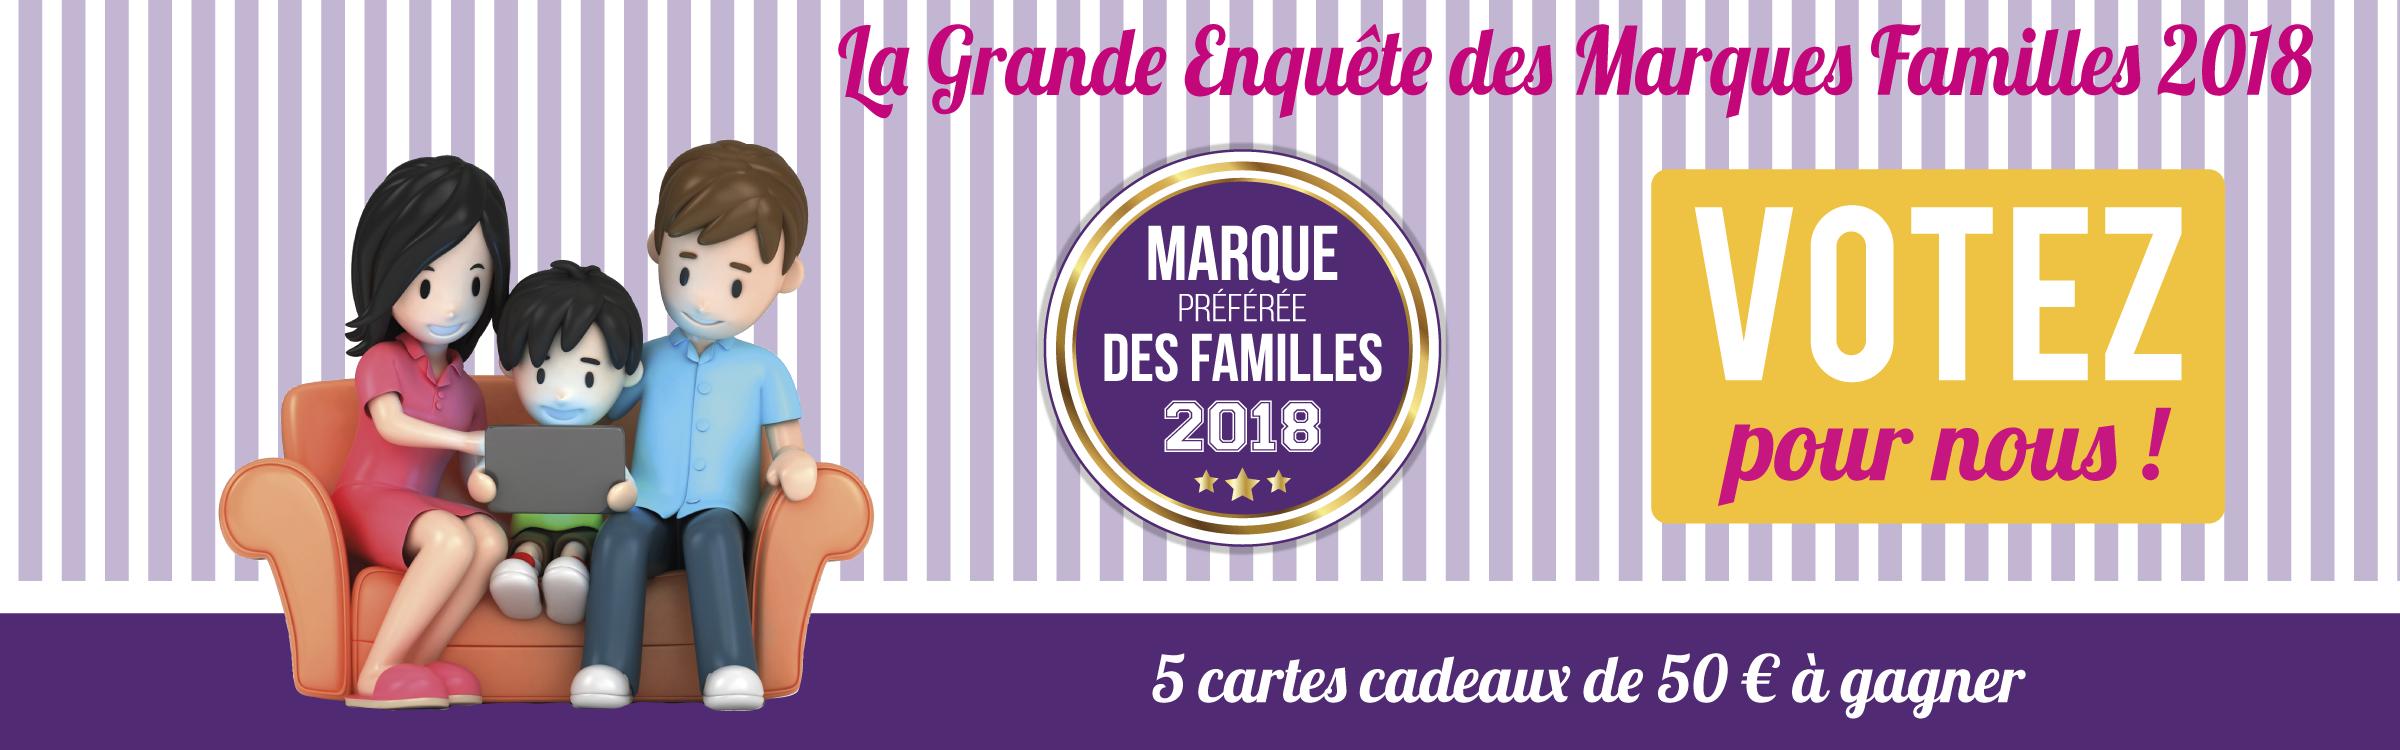 Bannière-Desktop-2400 x750px-Trophees-famille-2